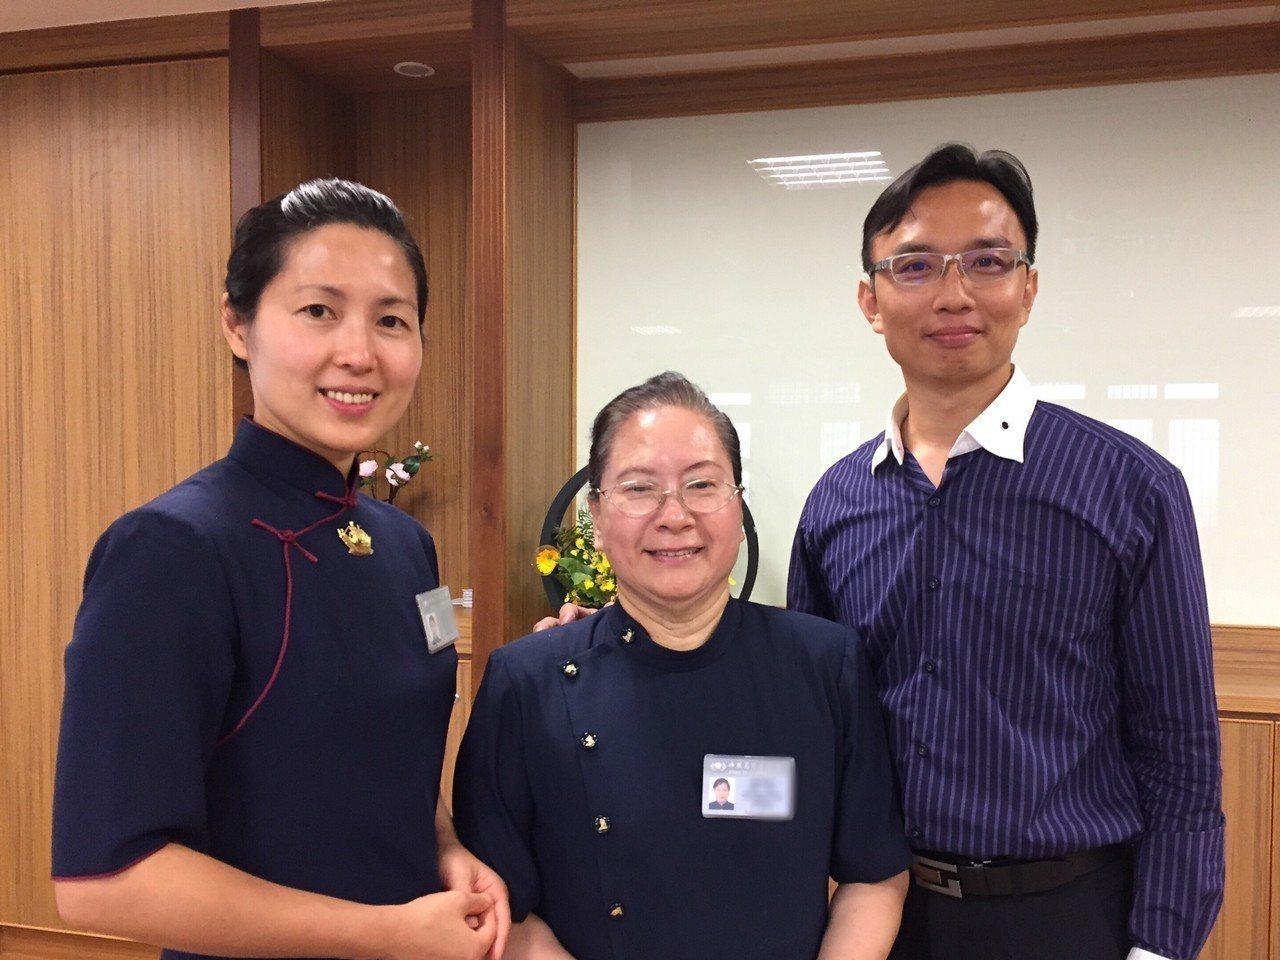 張家子女(右)把慈濟志工林美鳳(左)當成姊姊般看待。圖/慈濟基金會提供